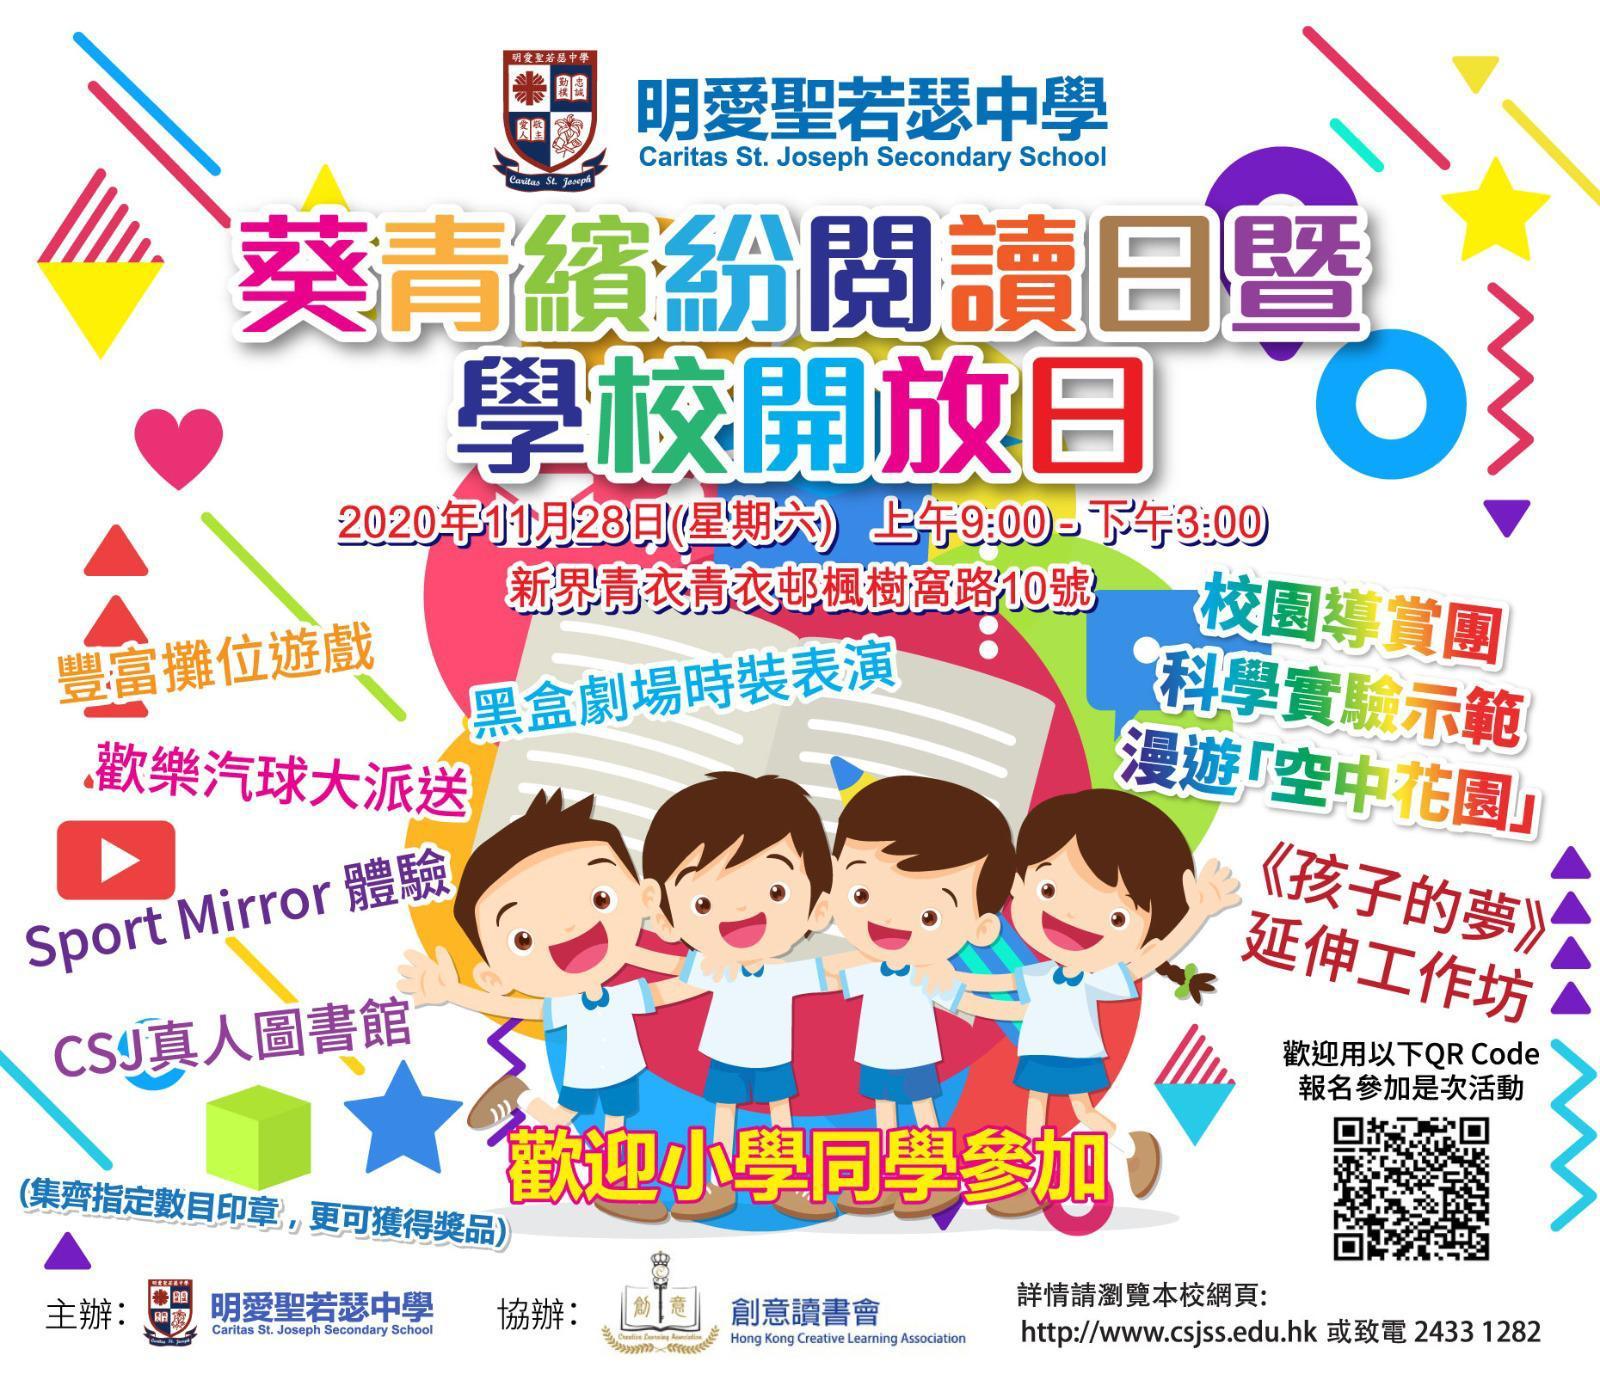 2020-2021年度- 葵青繽紛閱讀日暨學校開放日報名資料